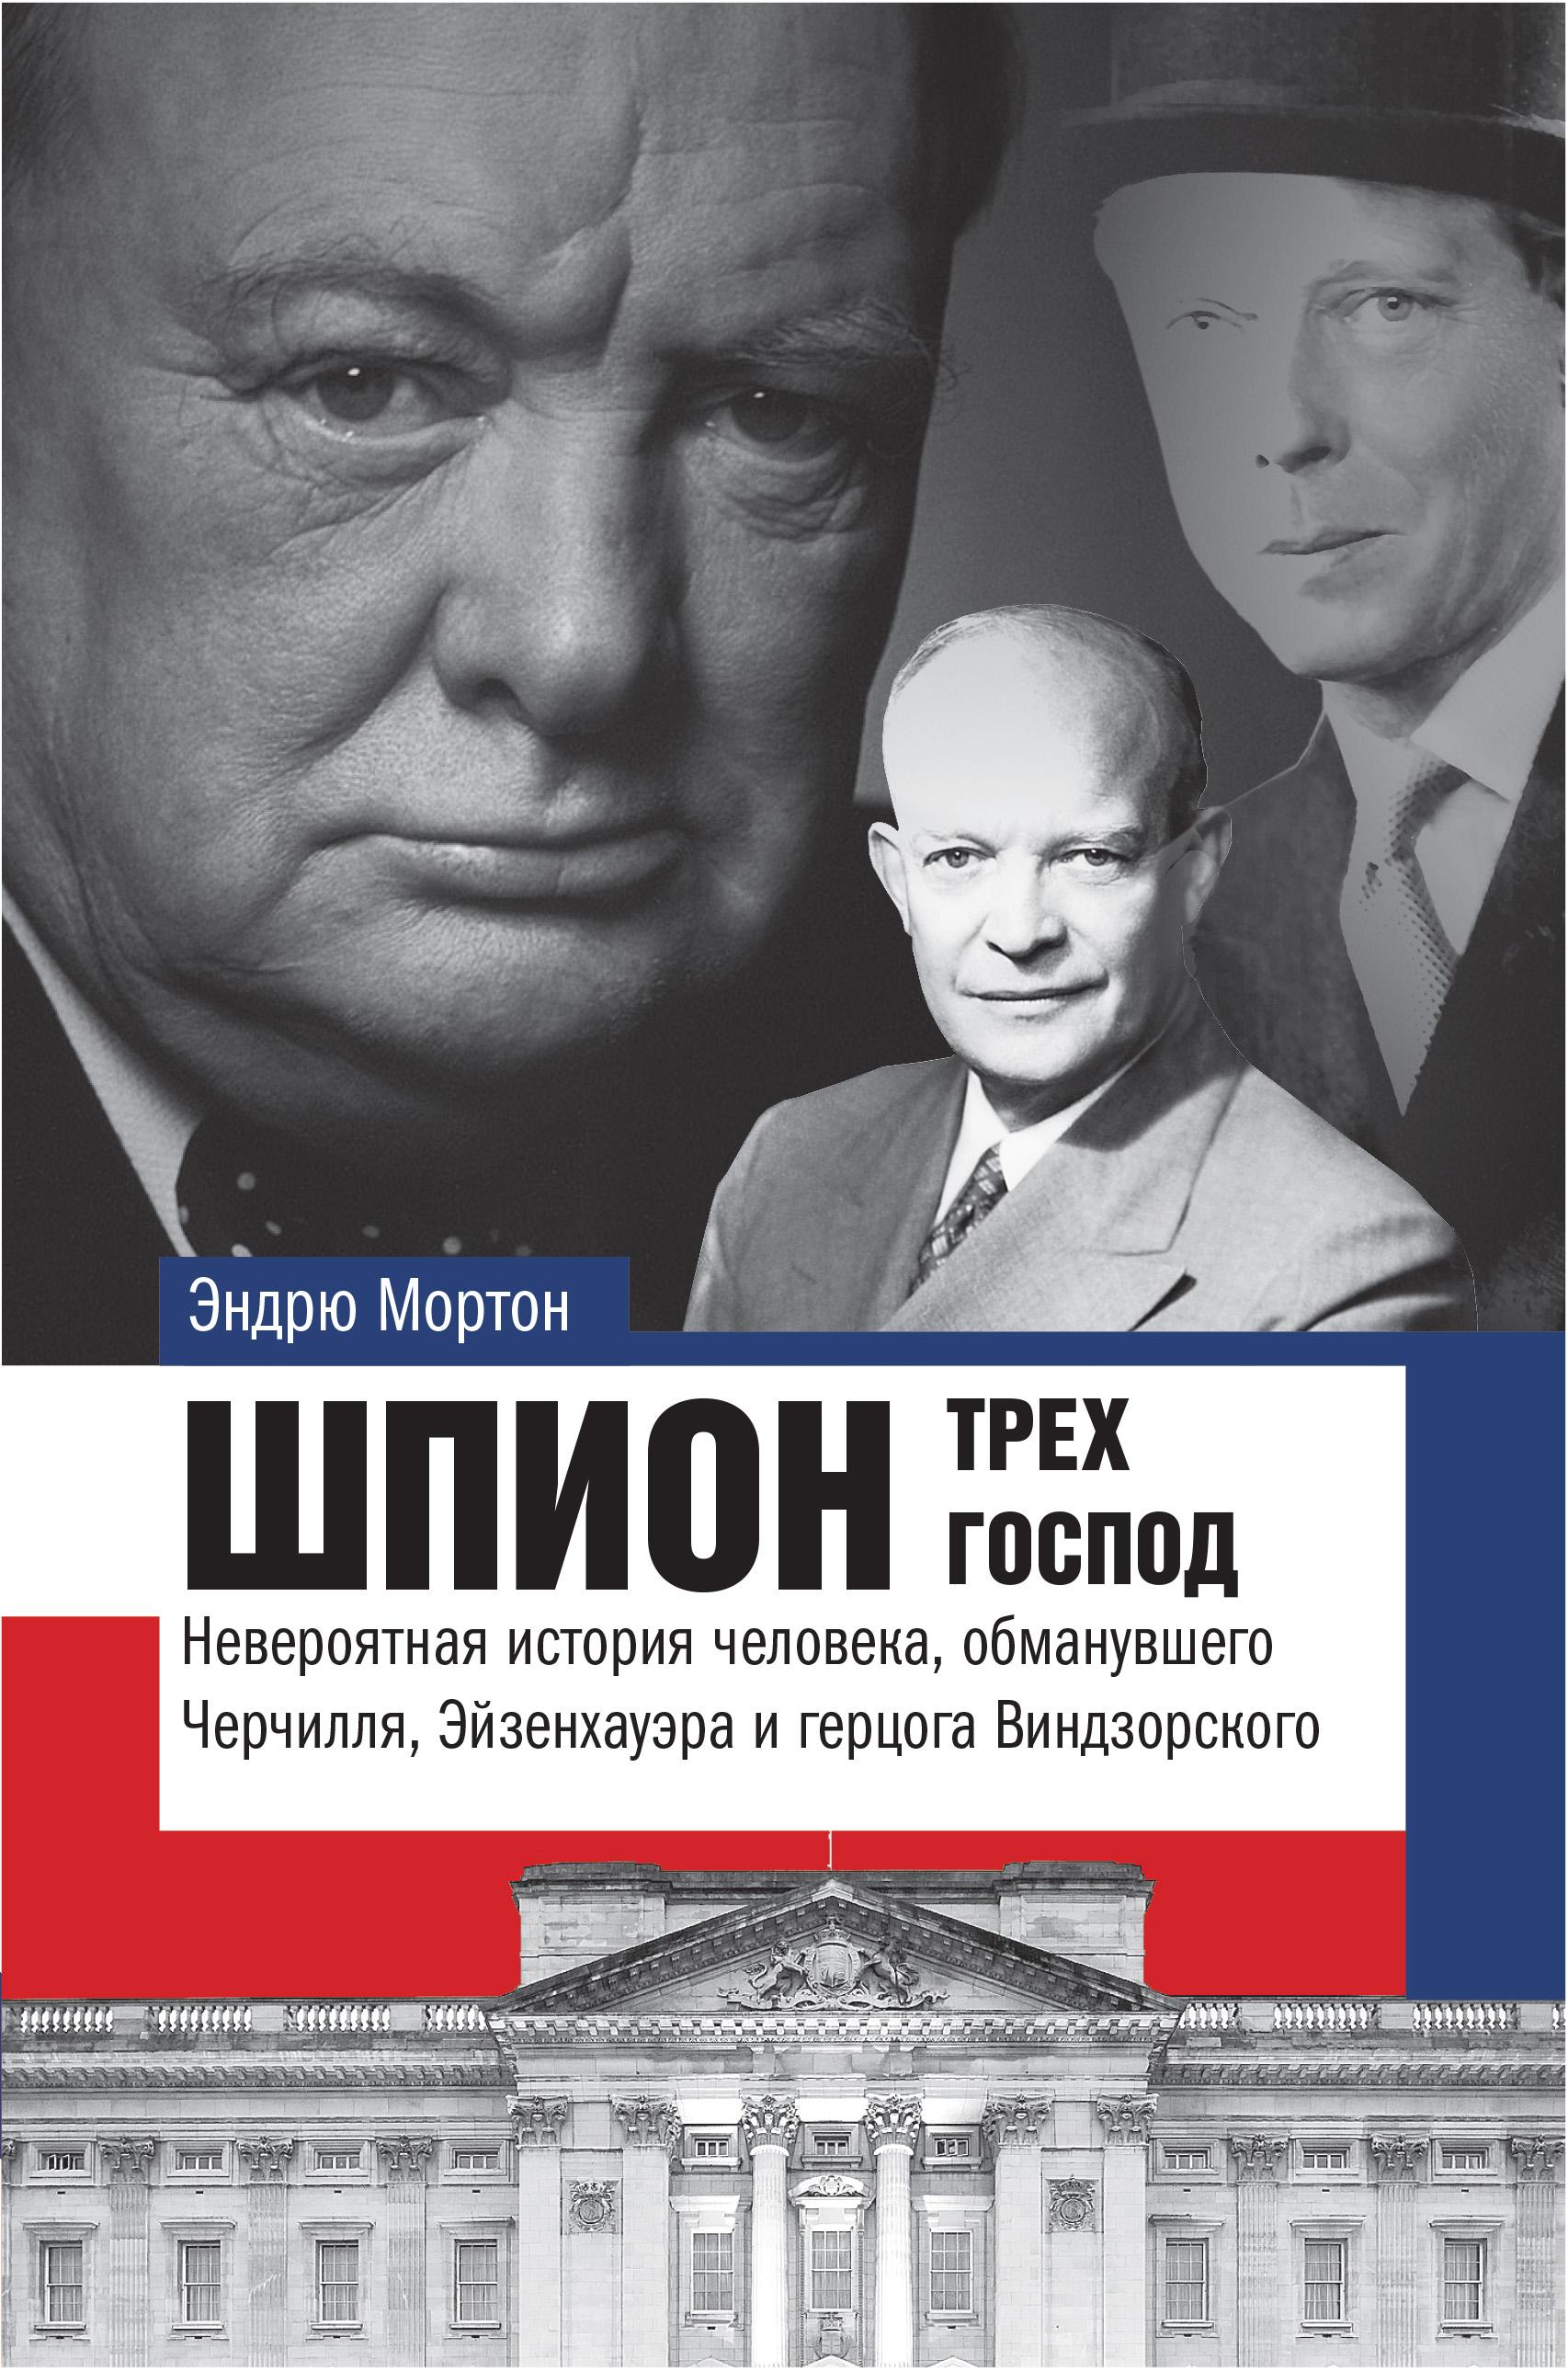 Мортон Эндрю Шпион трех господ: невероятная история человека, обманувшего Черчилля, Эйзенхауэра и Гитлера